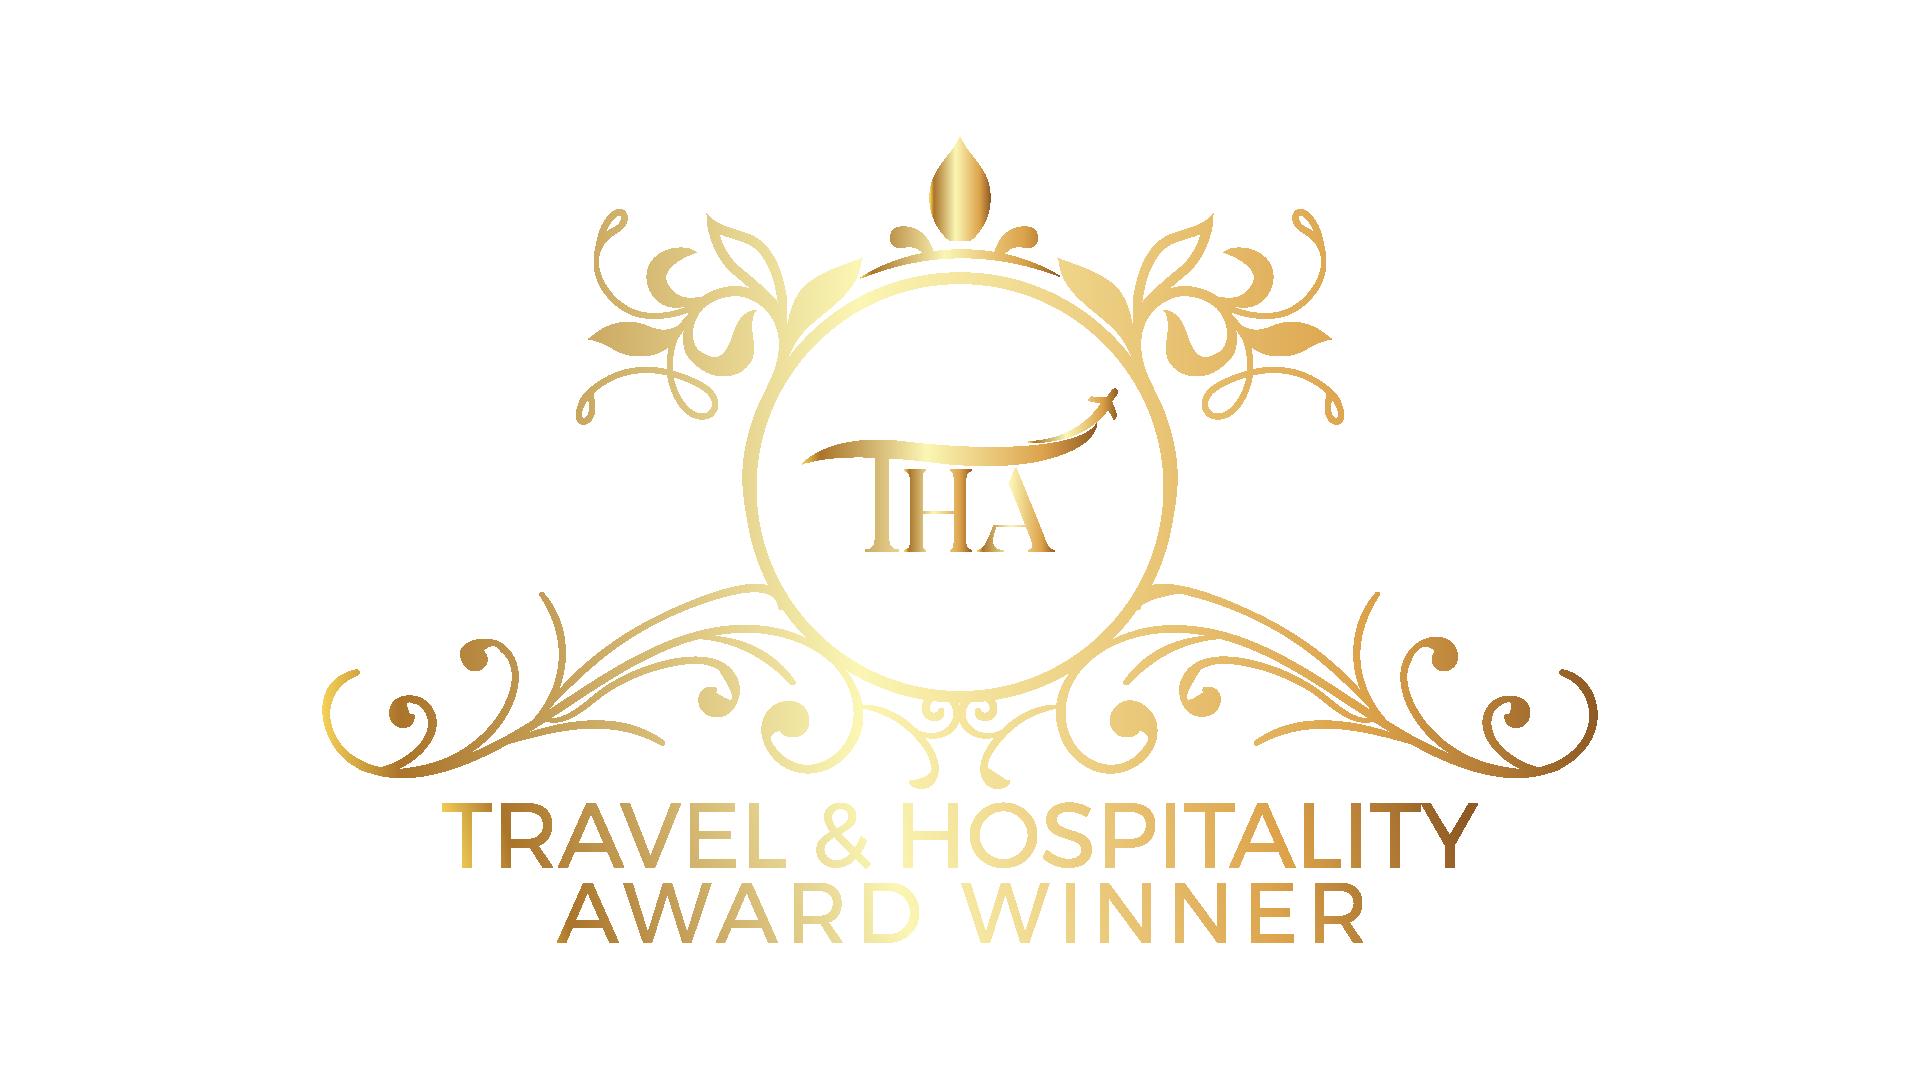 Travel And Hospitality Award Winner Logo Golden-01.png